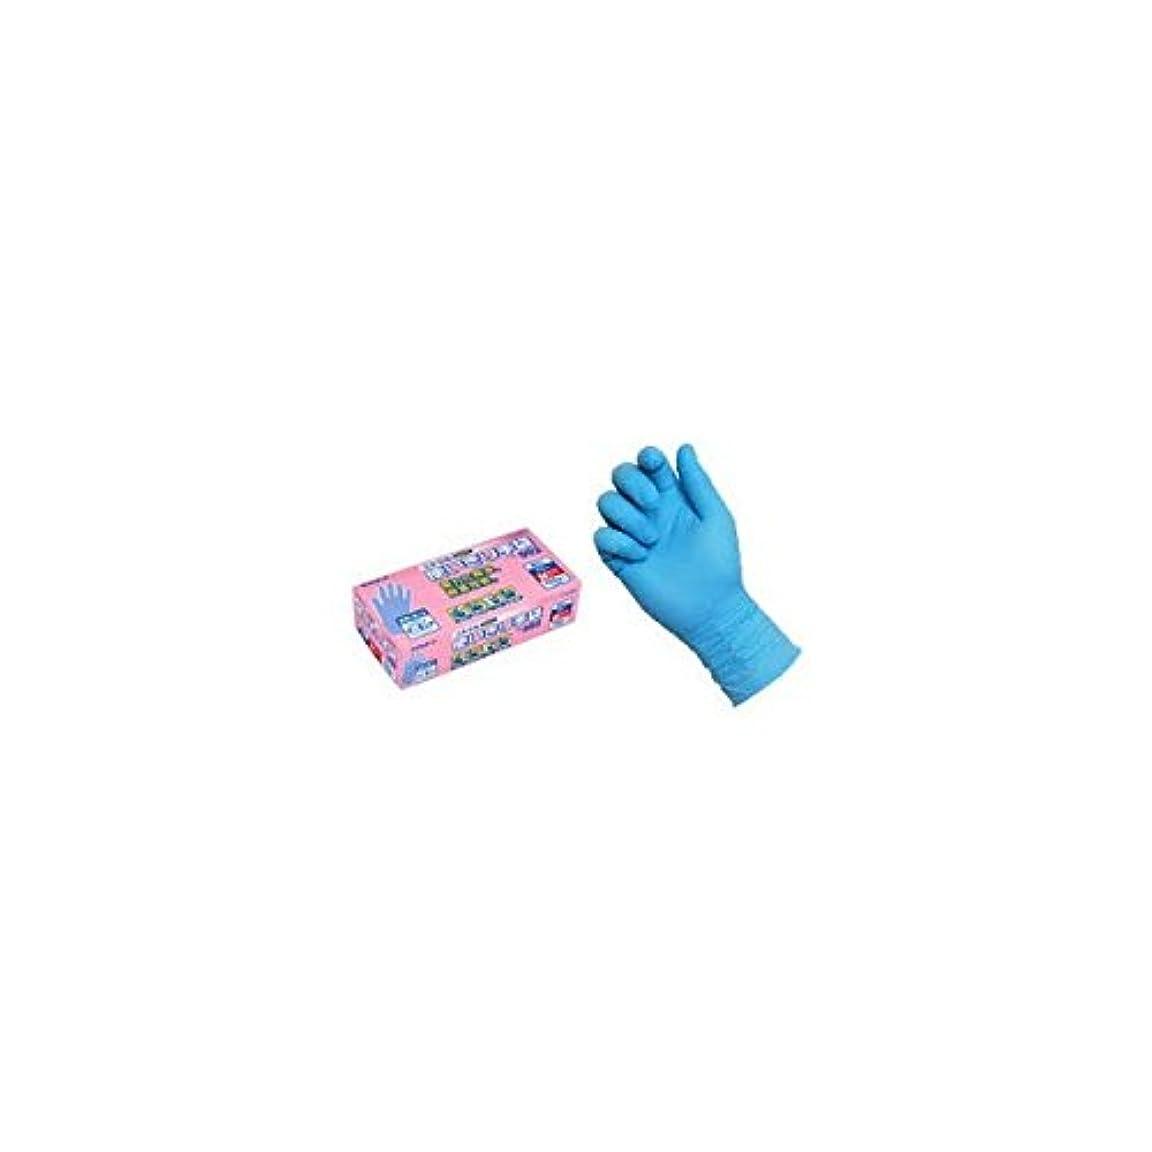 ナラーバー寸前好奇心盛ニトリル使いきり手袋 PF NO.992 L ブルー エステー 【商品CD】ST4786